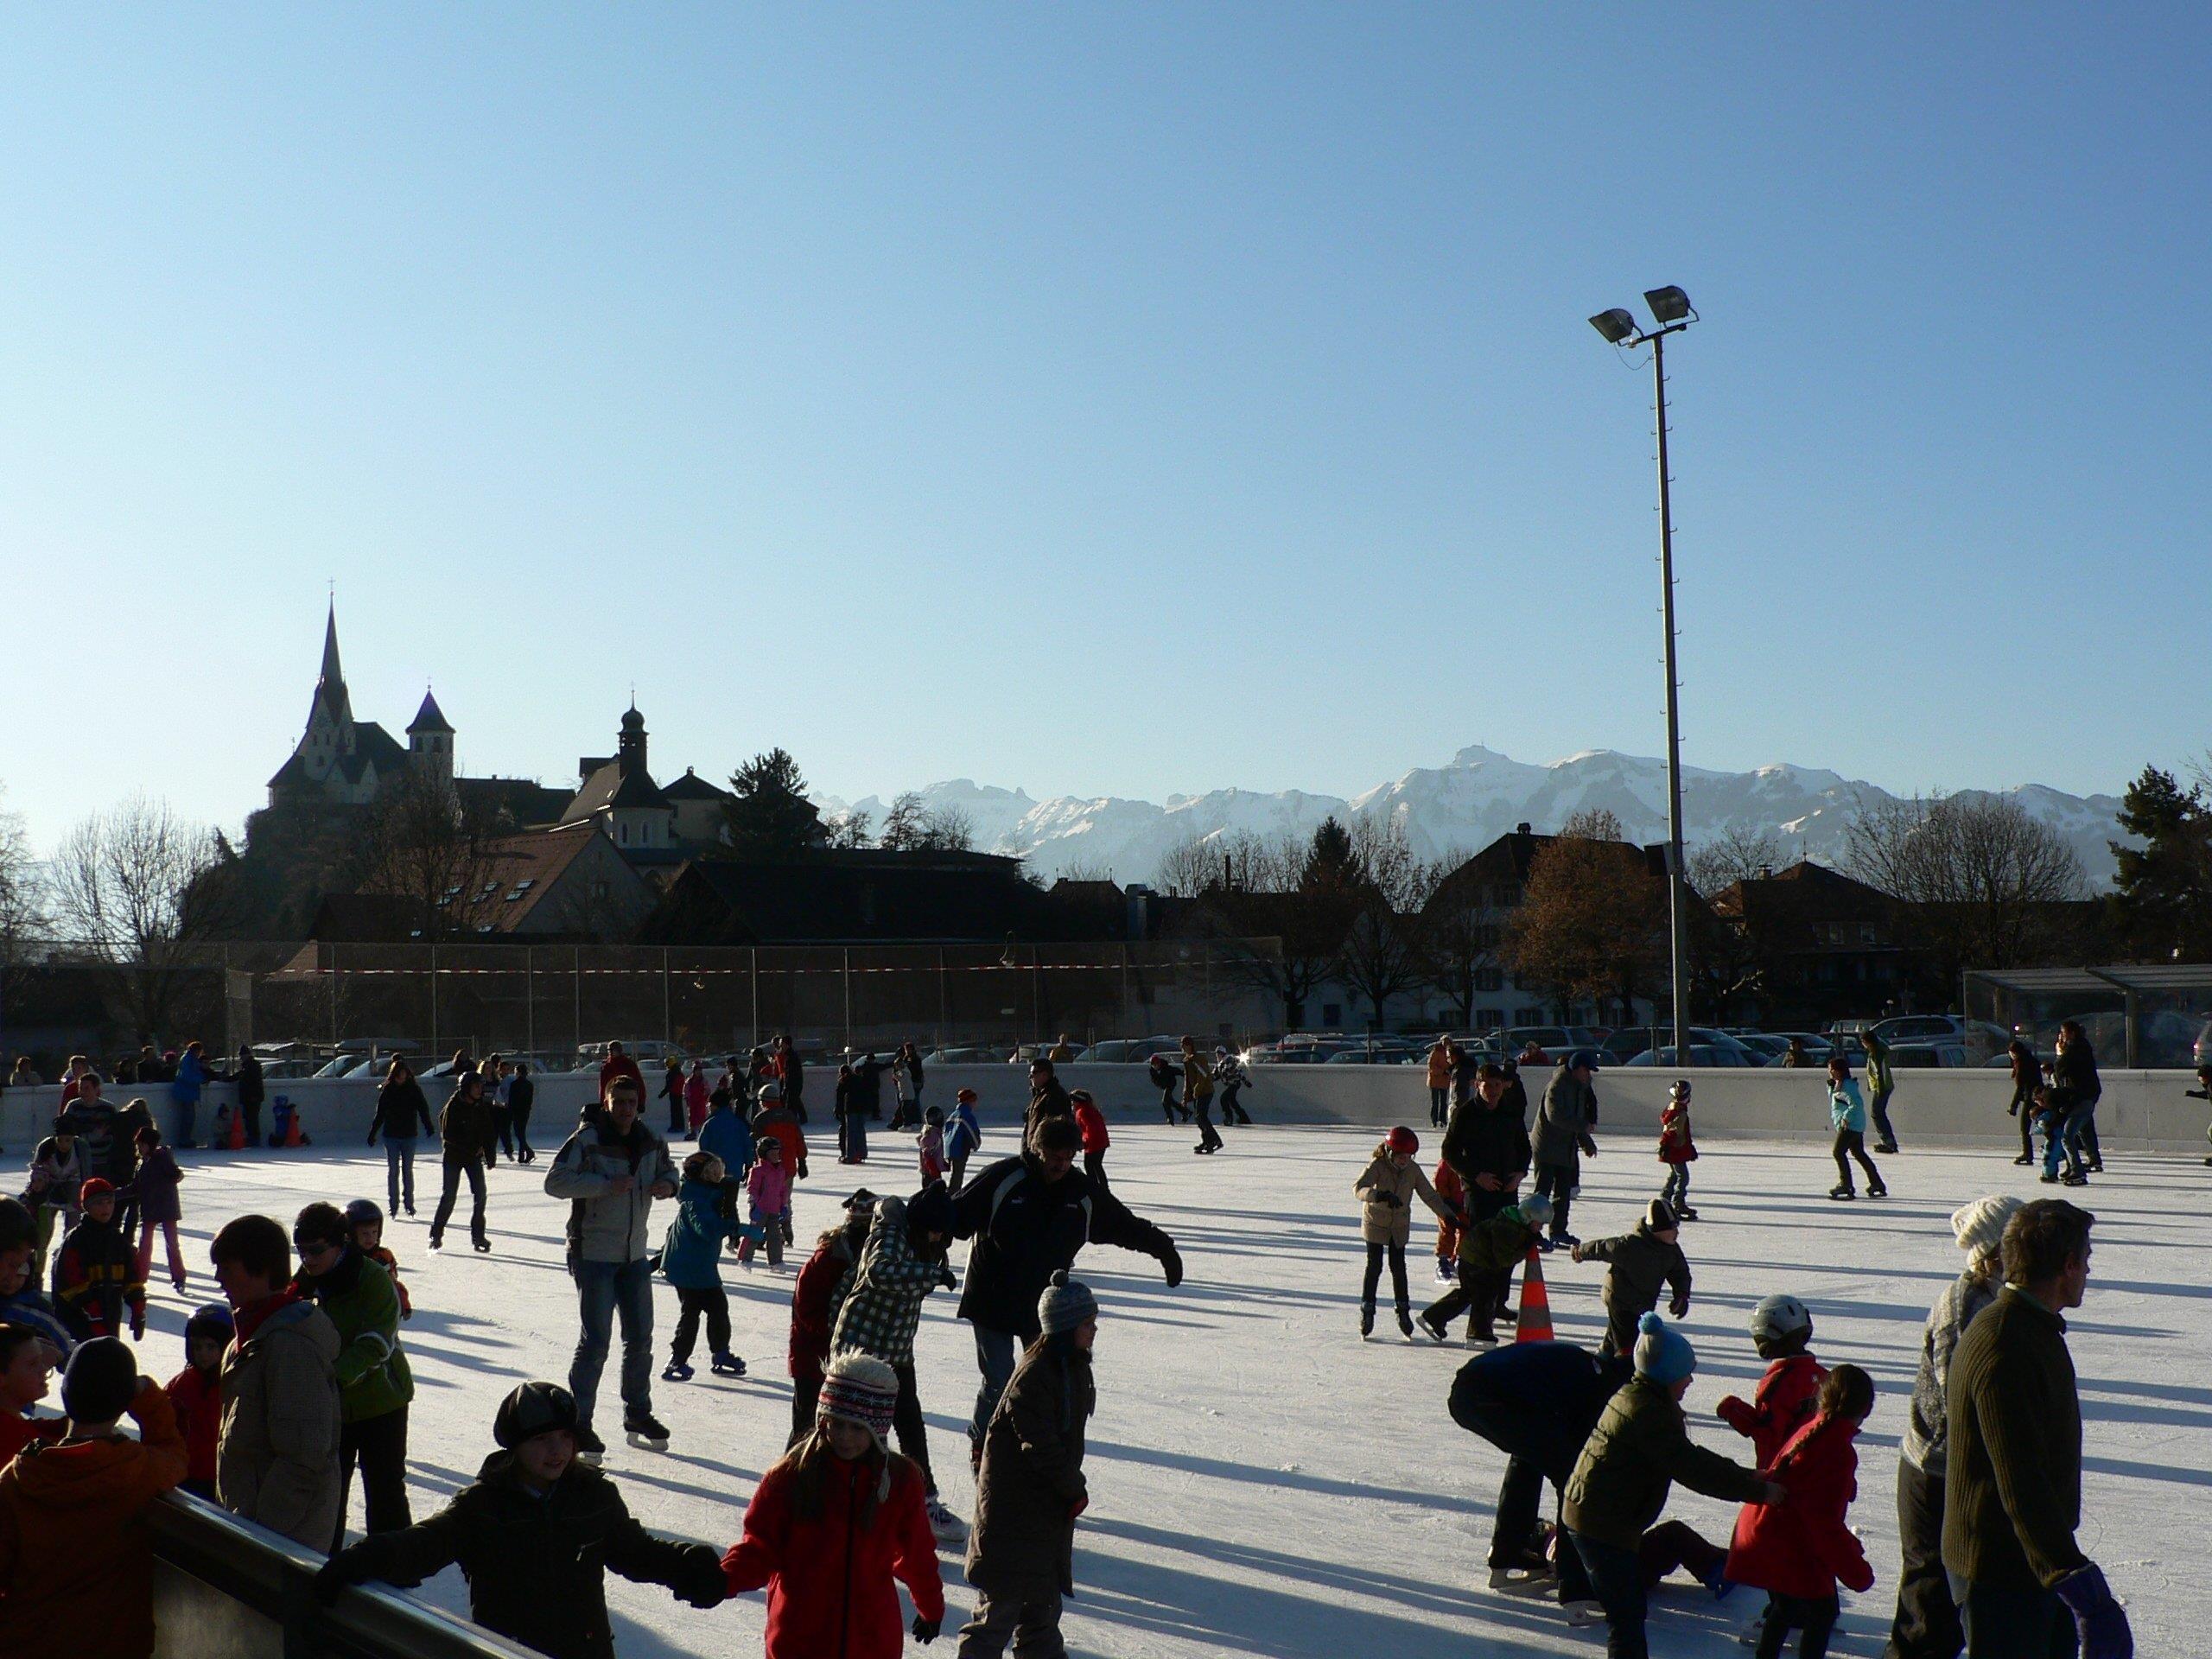 Eislaufen auf dem Eislaufplatz im Winter in Rankweil